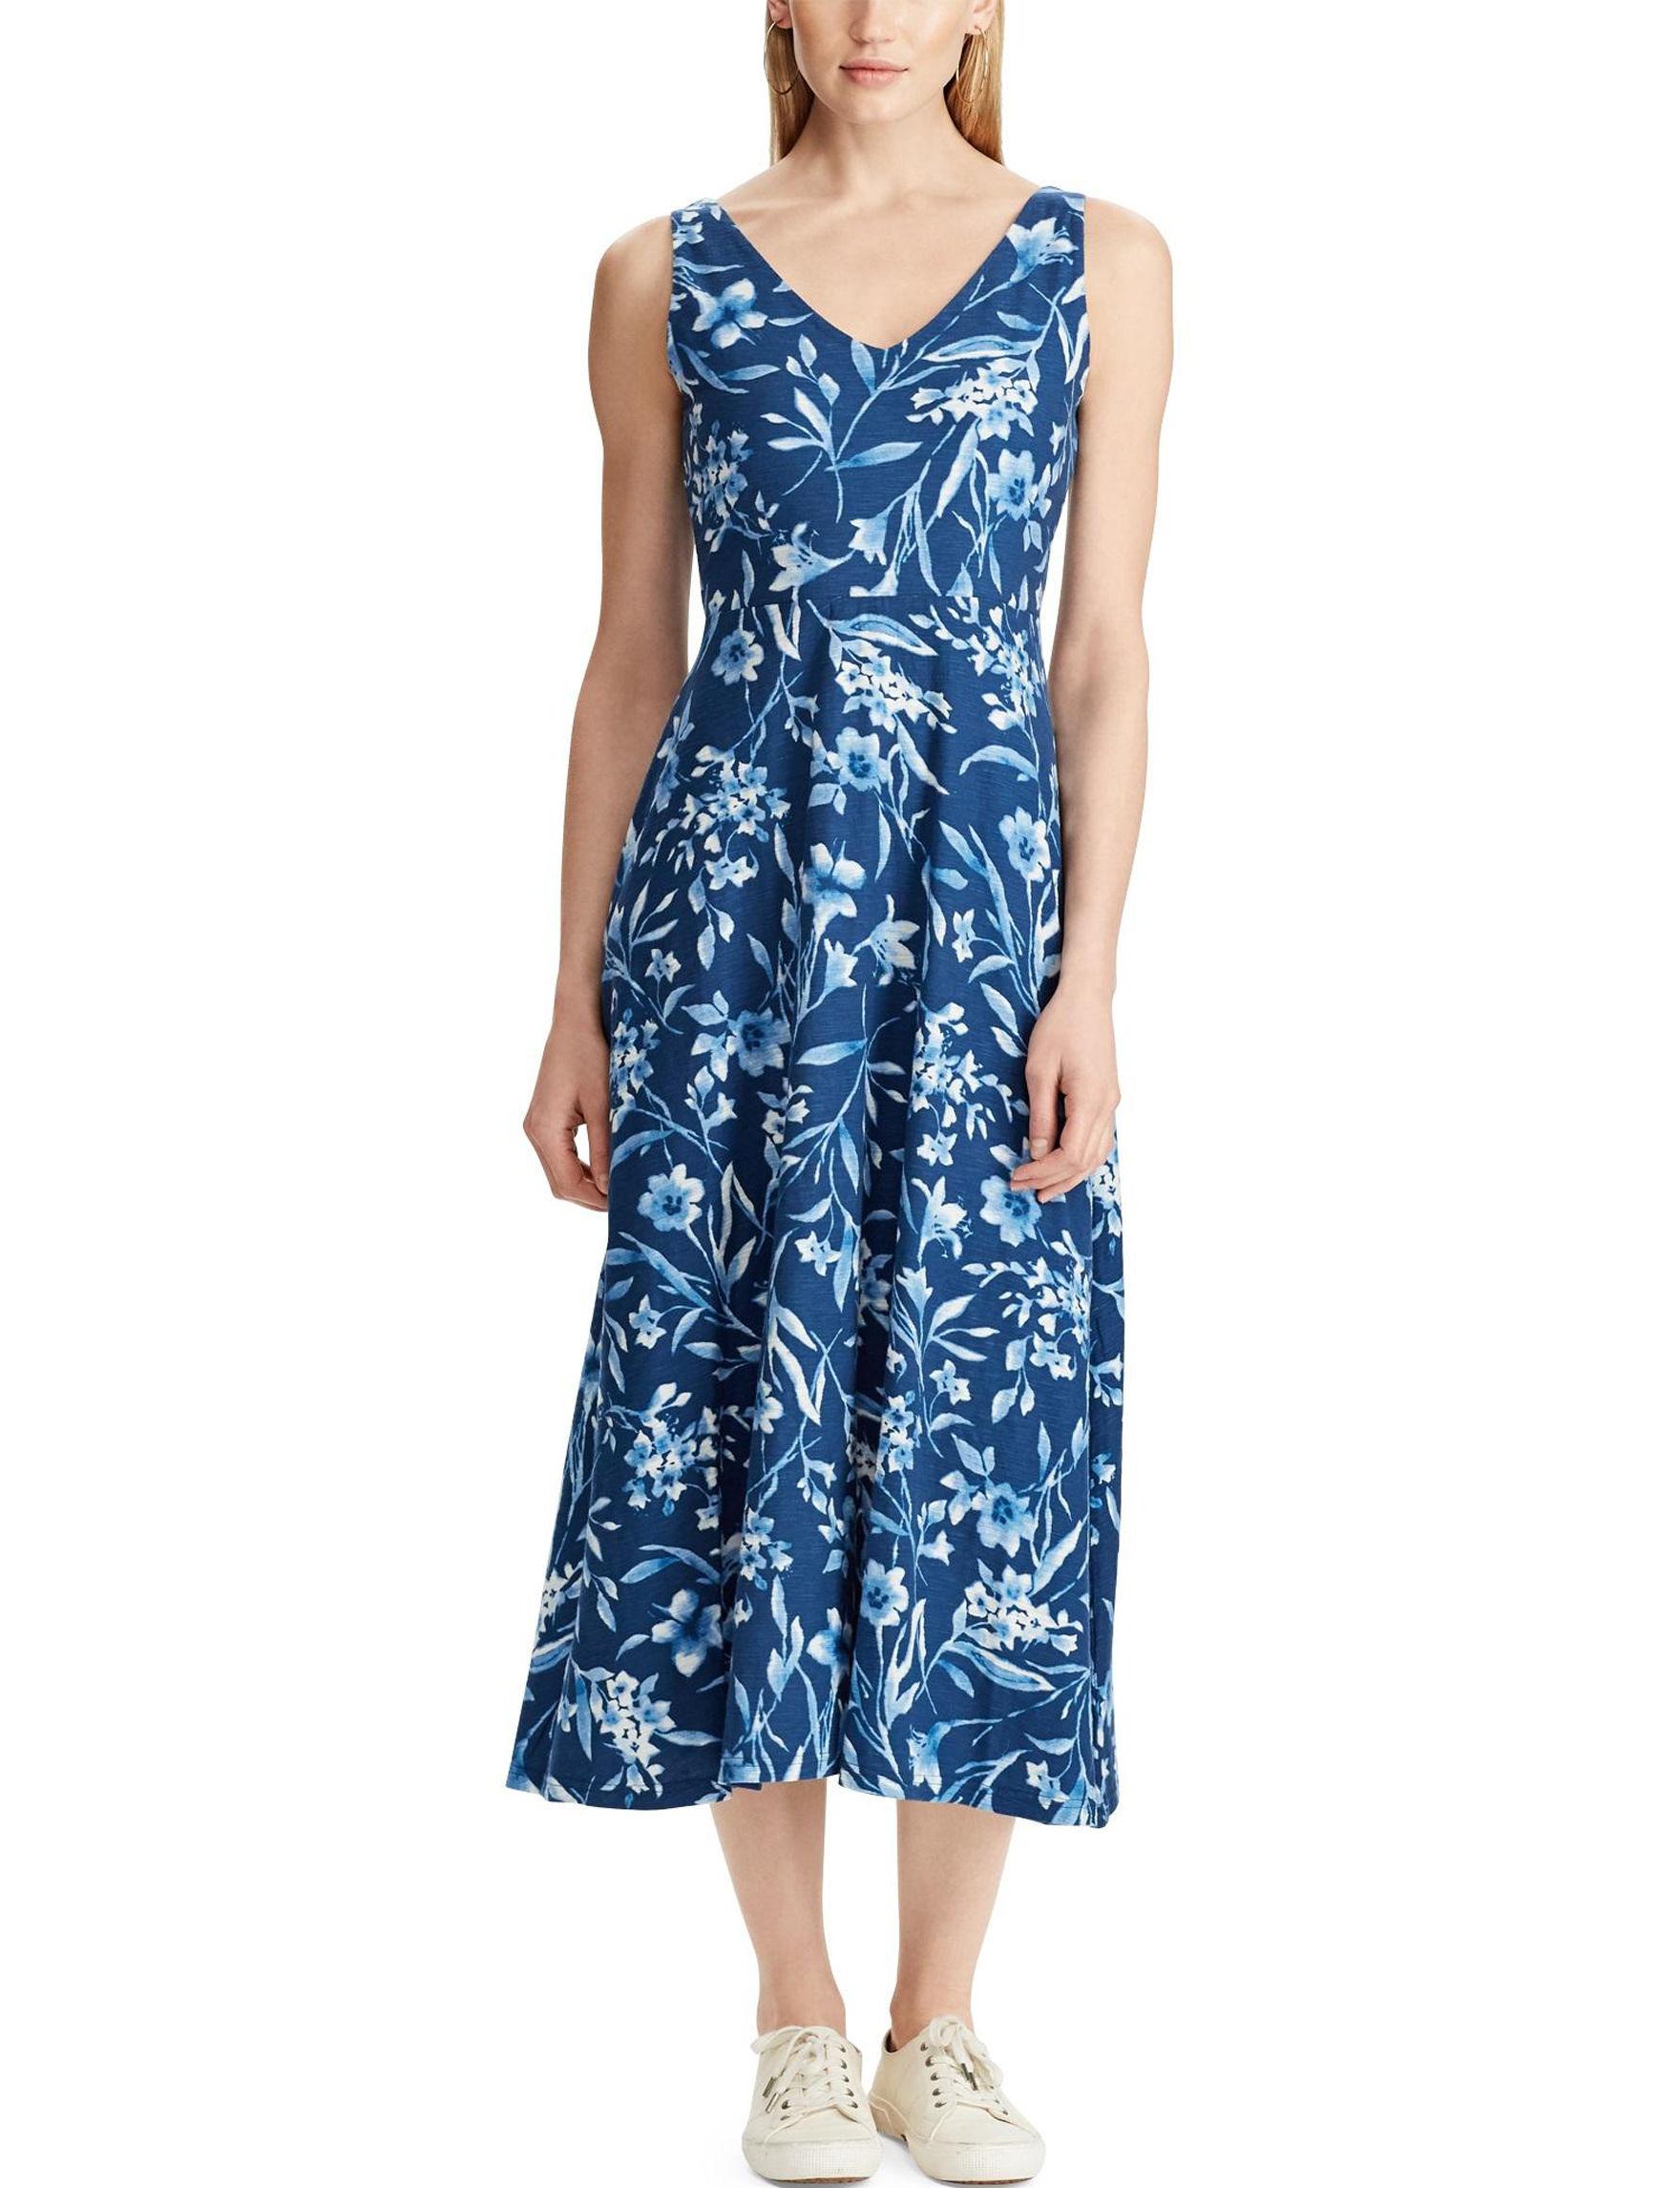 Chaps Blue Fit & Flare Dresses Sundresses